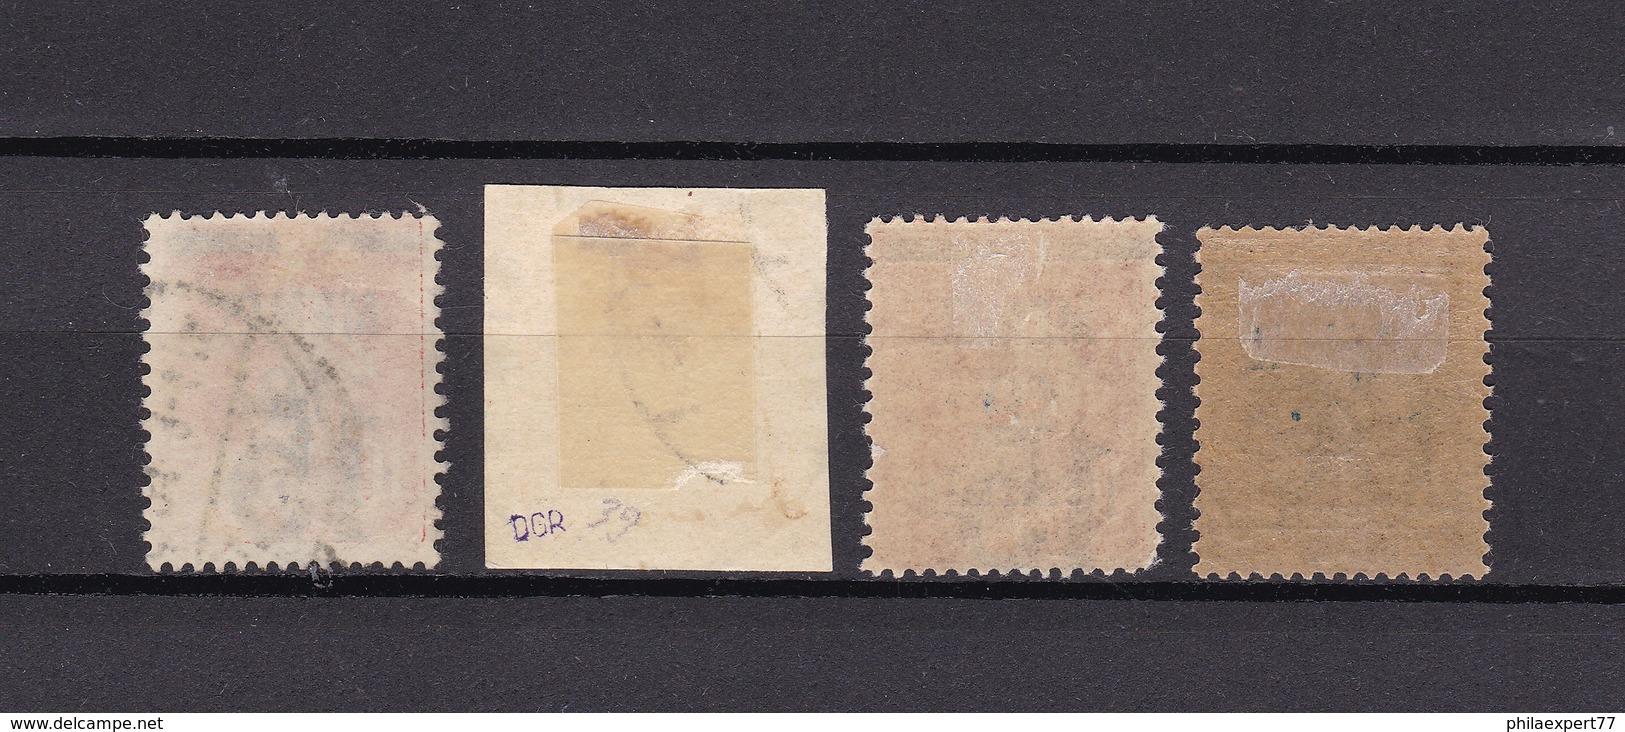 Memelgebiet - 1921 - Michel Nr. 34/35 - Gest.Briefst. - Ungebr. - Geprüft - Klaipeda